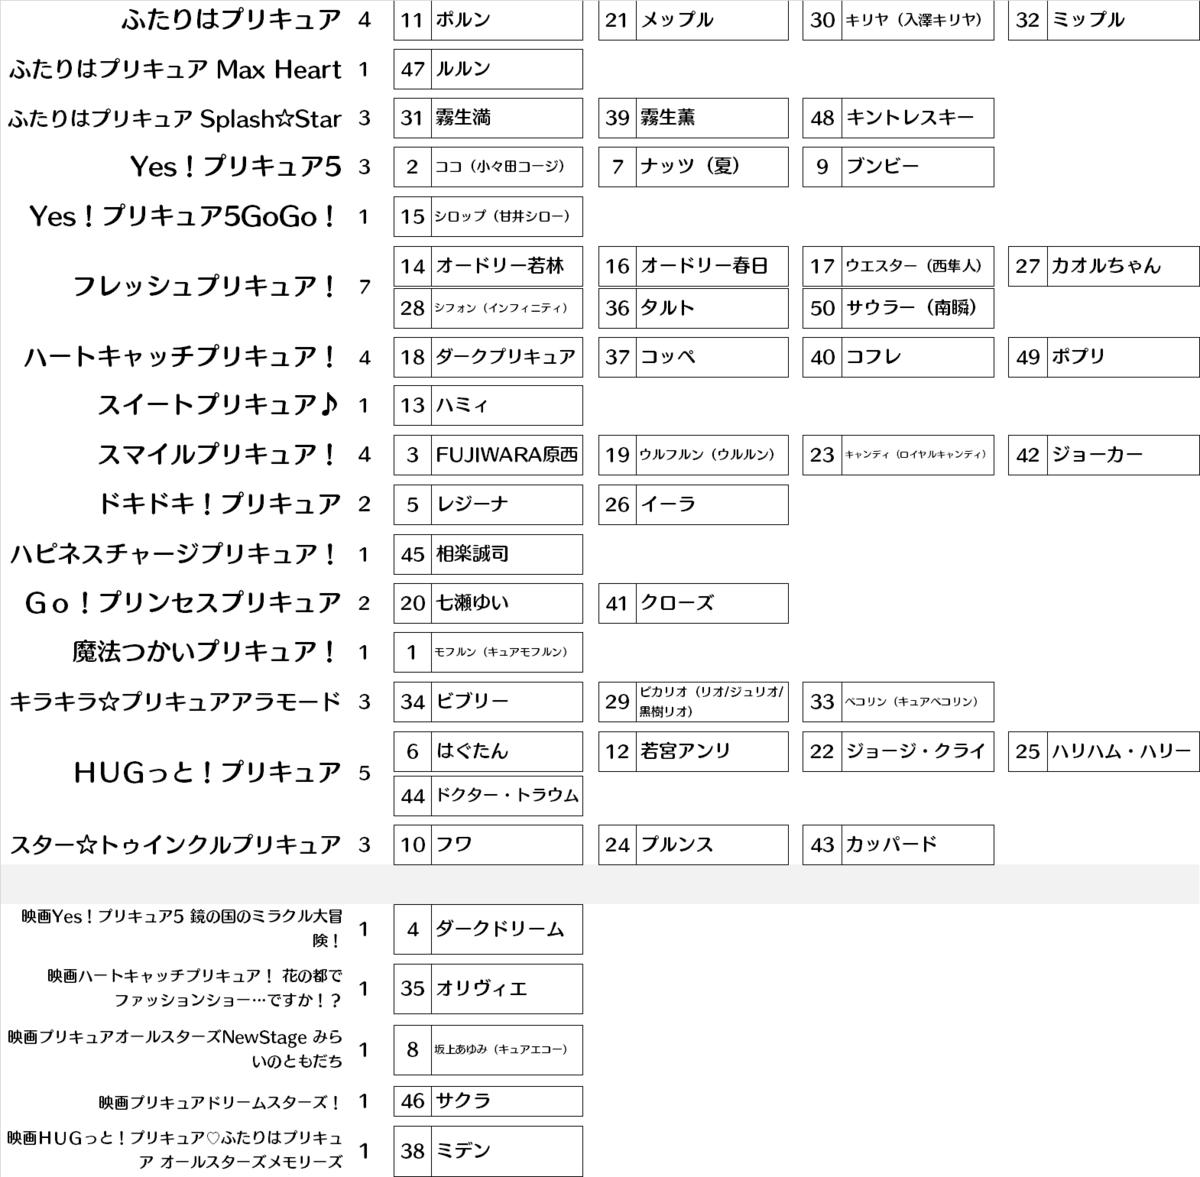 f:id:kasumi19732004:20190924143536p:plain